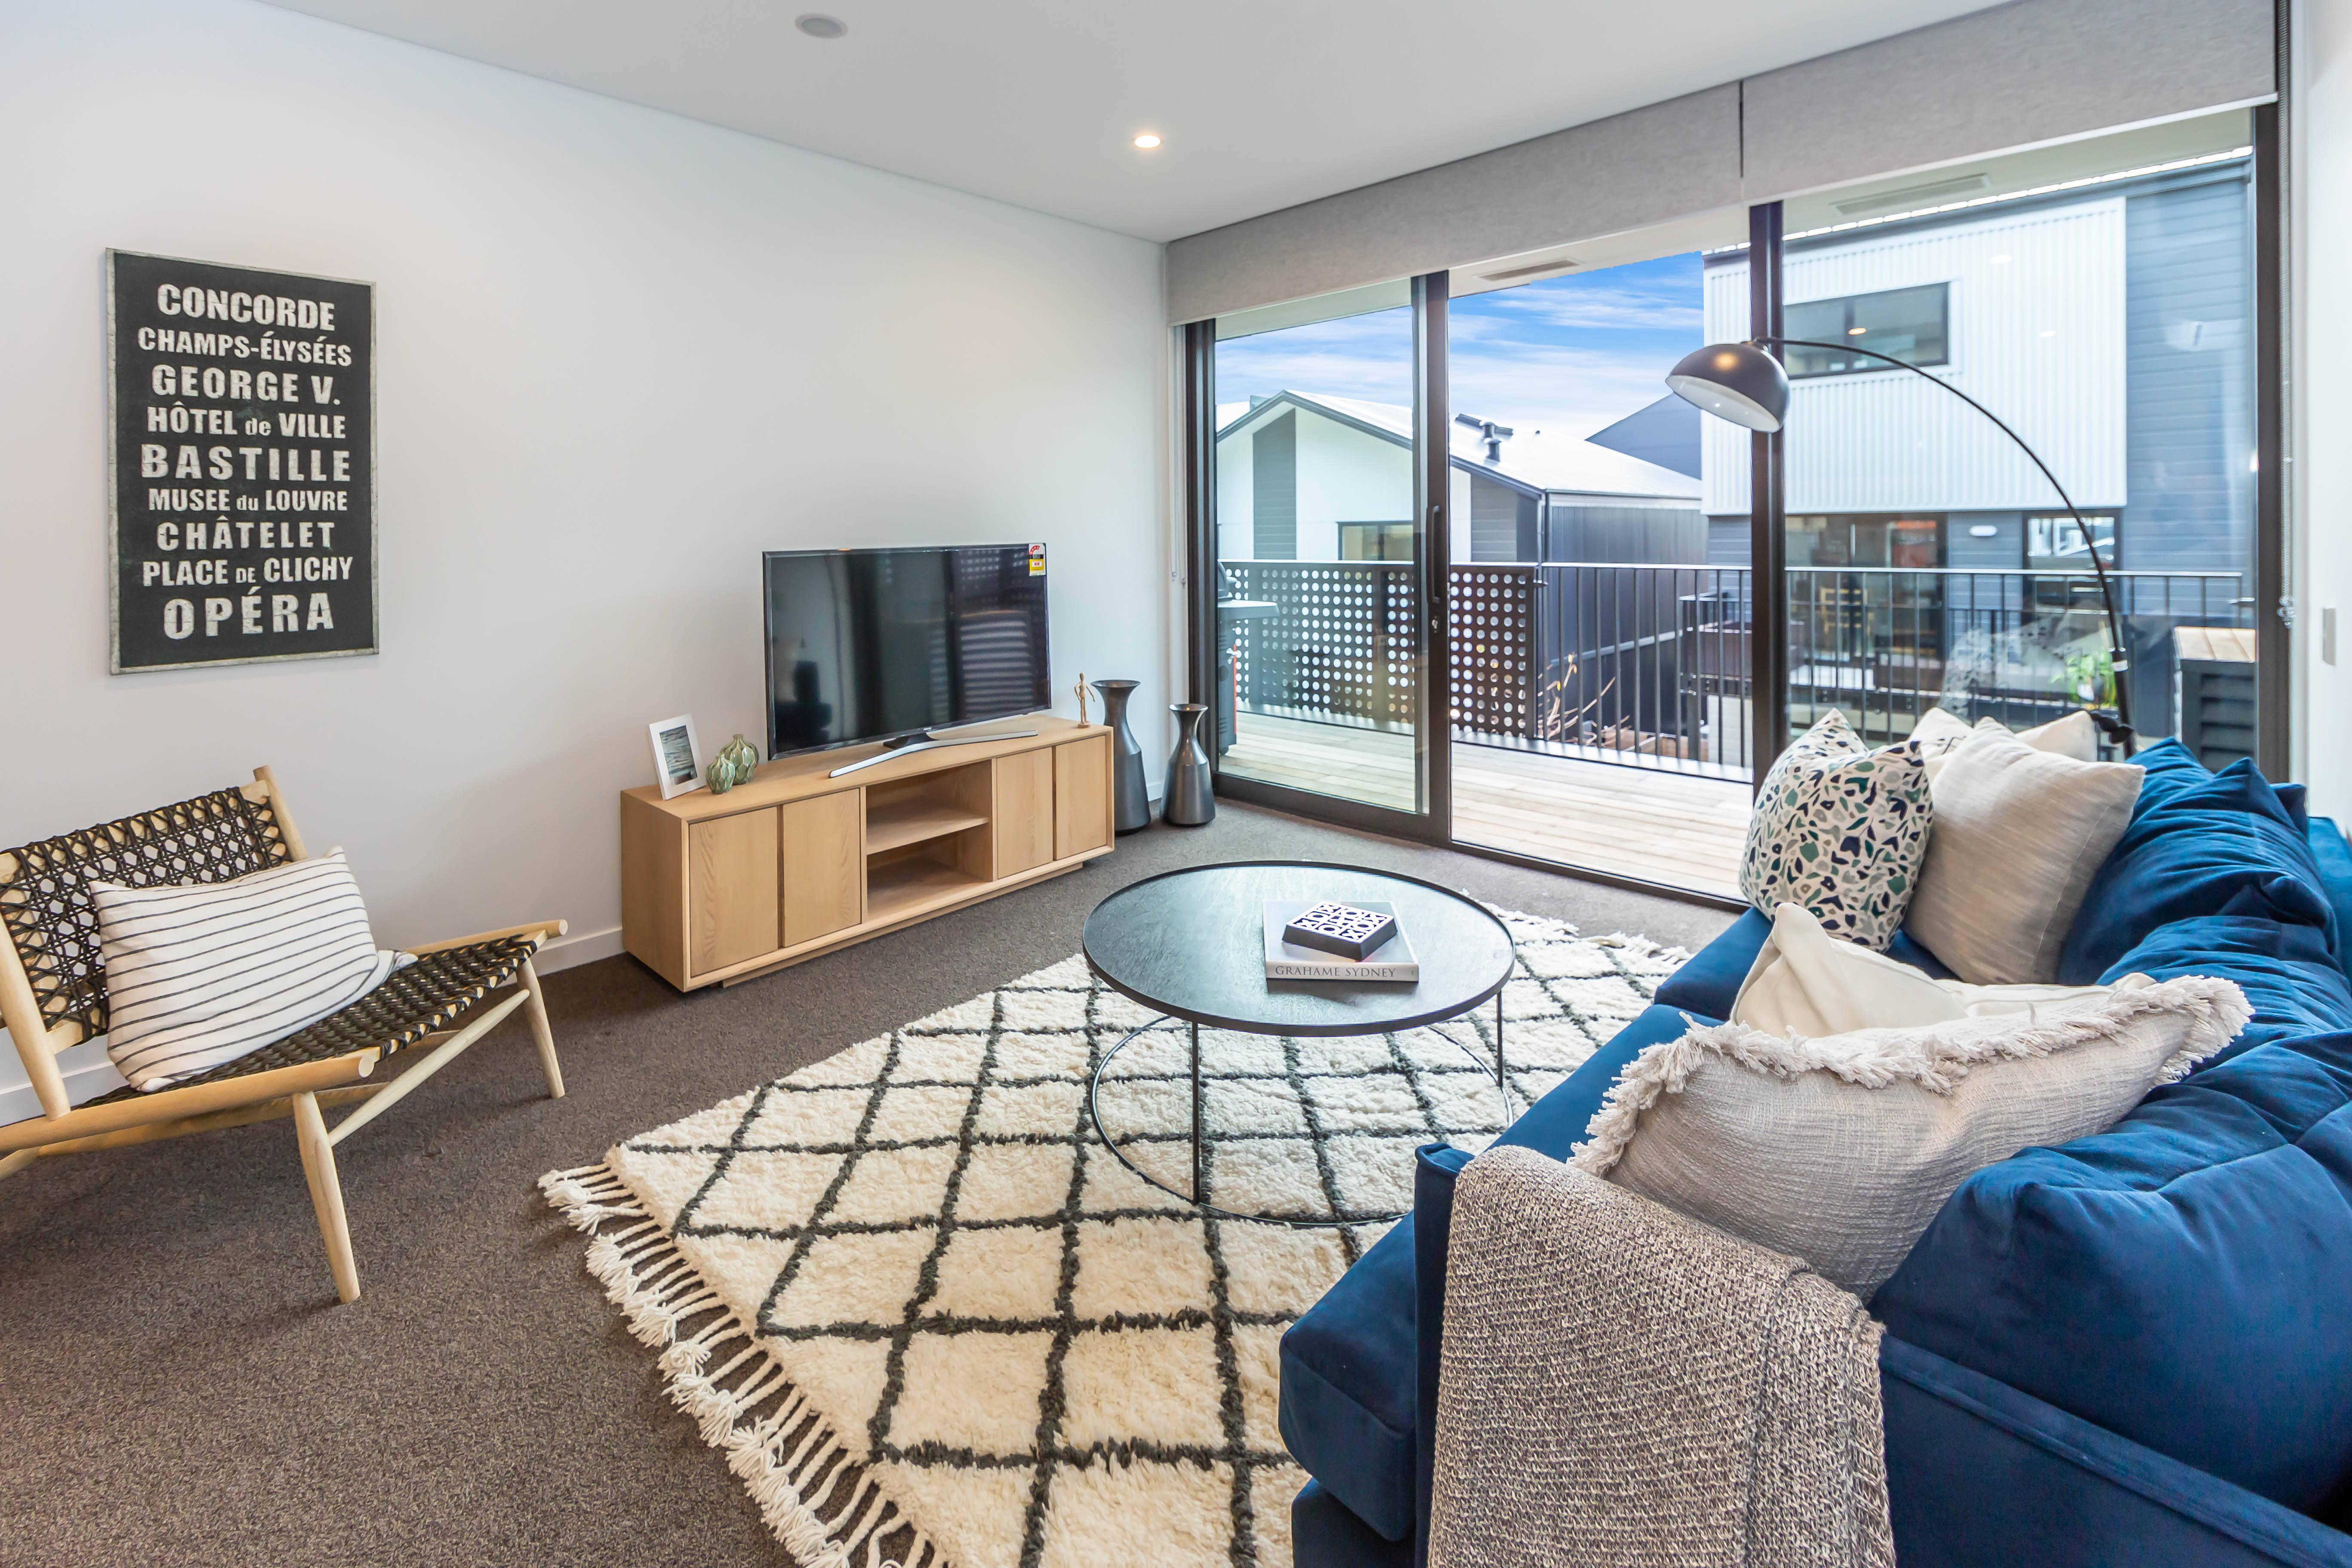 Christchurch Central 集空间/地段/设计于一体   时尚2卧住宅   交通便利   舒适城市生活等您来享   欲购从速! Atlas Quarter - Stylish City Living!